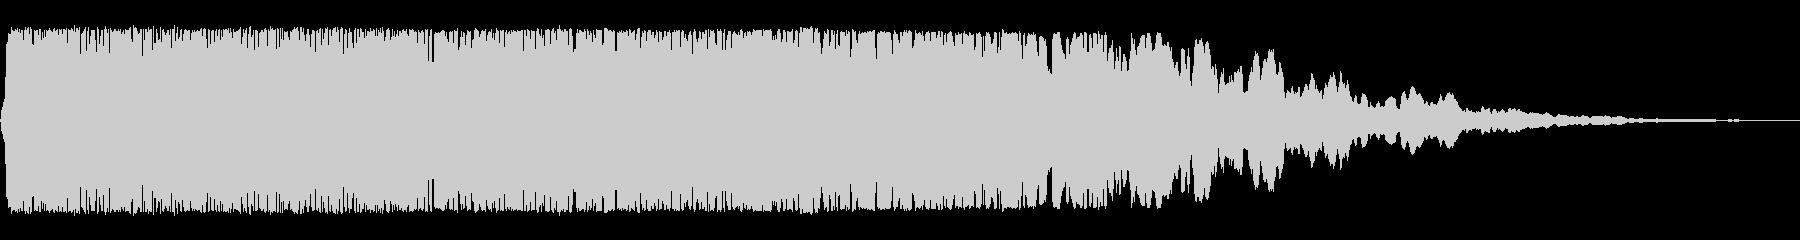 ヒユ〜〜(巨大な宇宙船の通過、着陸音)の未再生の波形